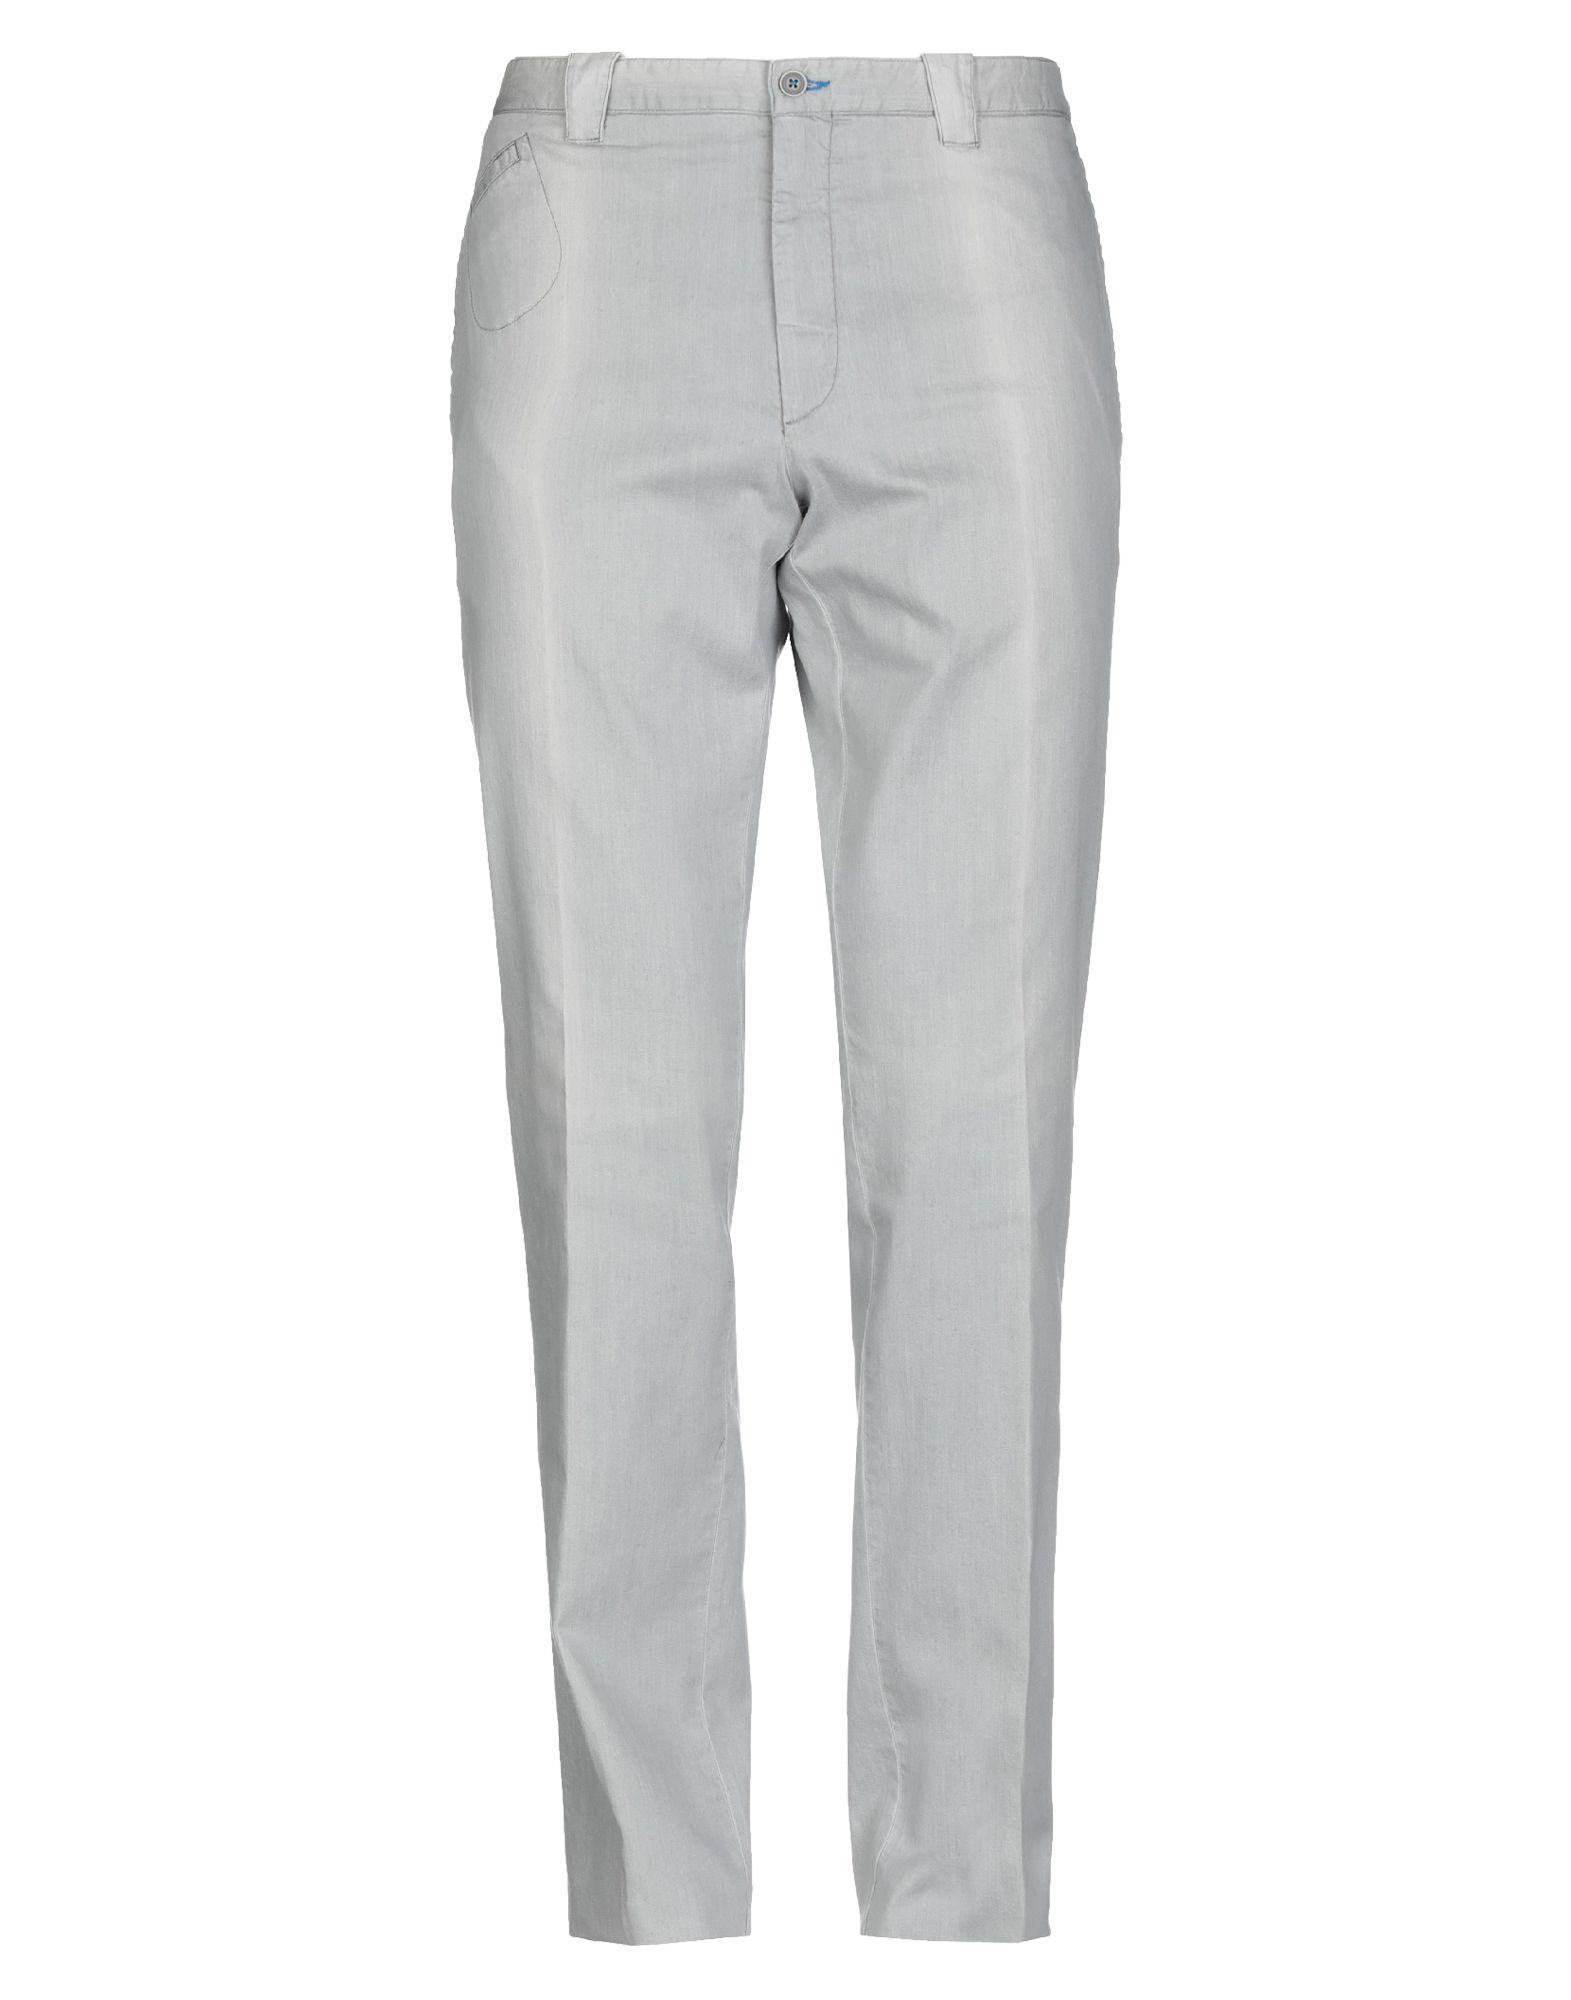 《セール開催中》BERRY & BRIAN メンズ パンツ グレー 38 コットン 98% / ポリウレタン 2%